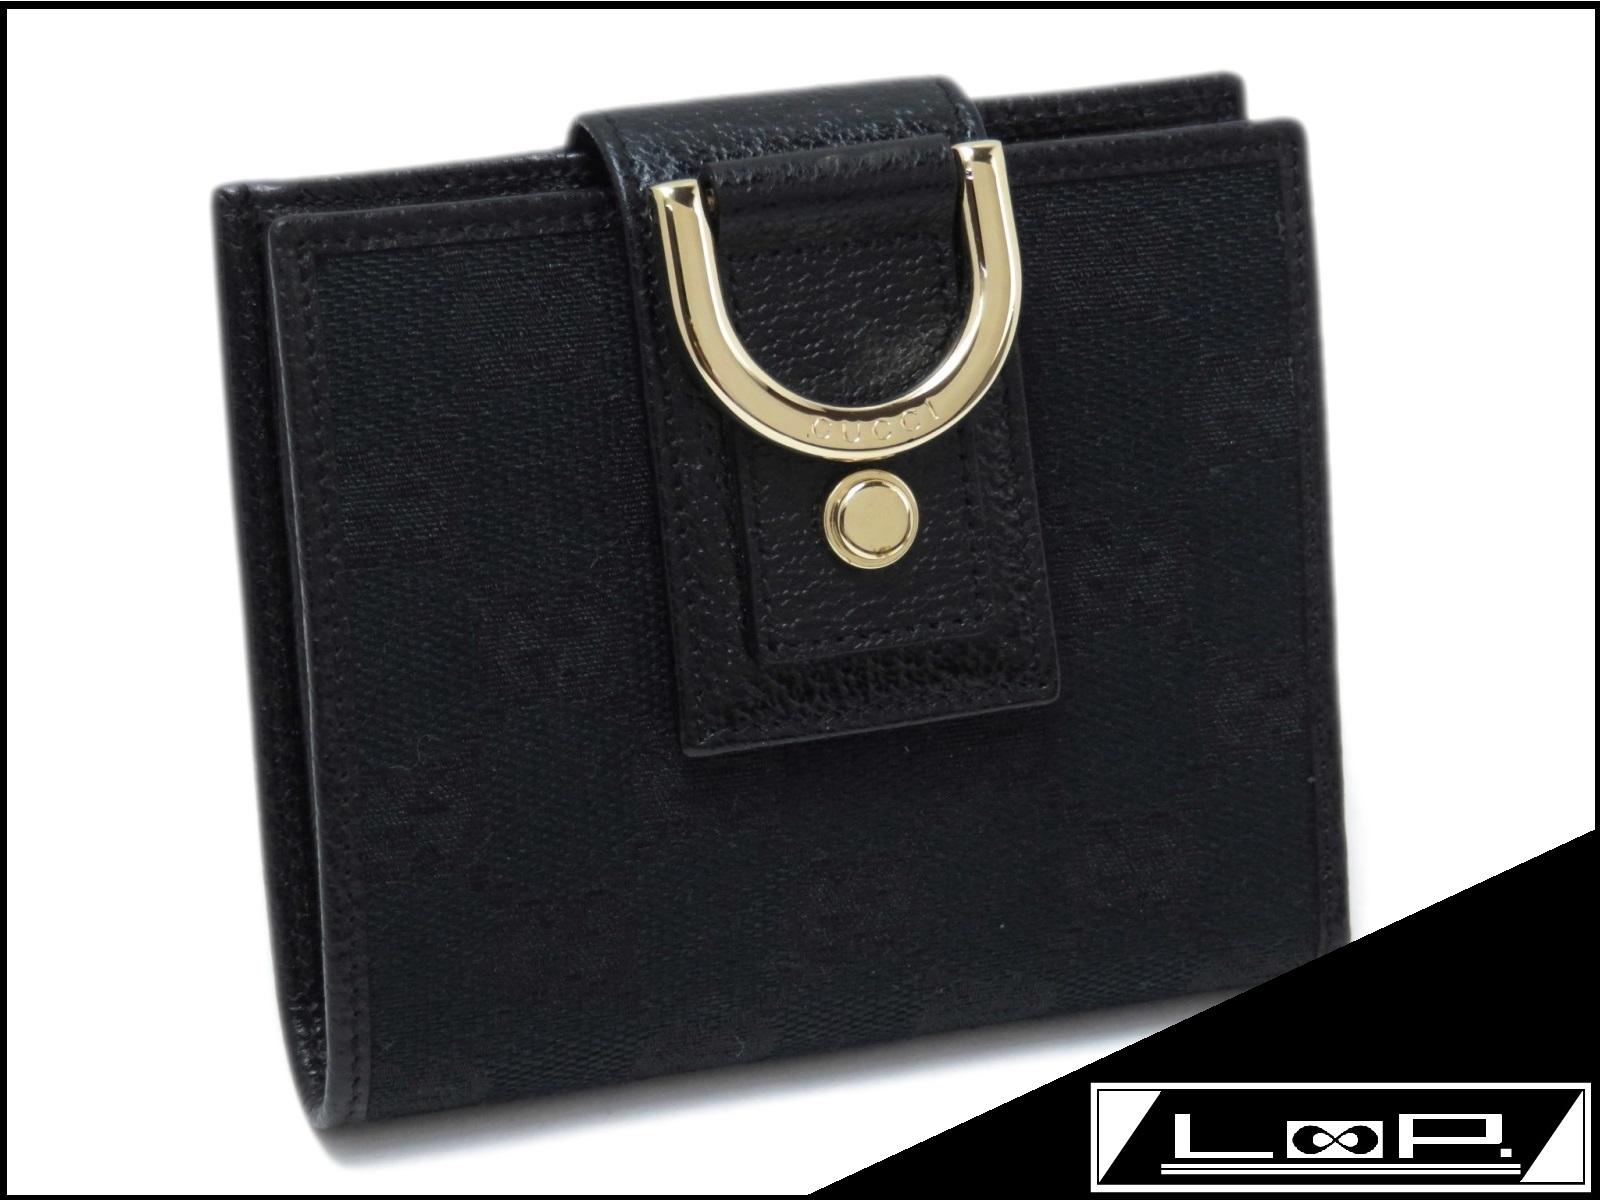 【美品】 GUCCI グッチ 二つ折り 財布 サイフ GG キャンバス カーフ ブラック 黒 141421 【A25278】 【中古】